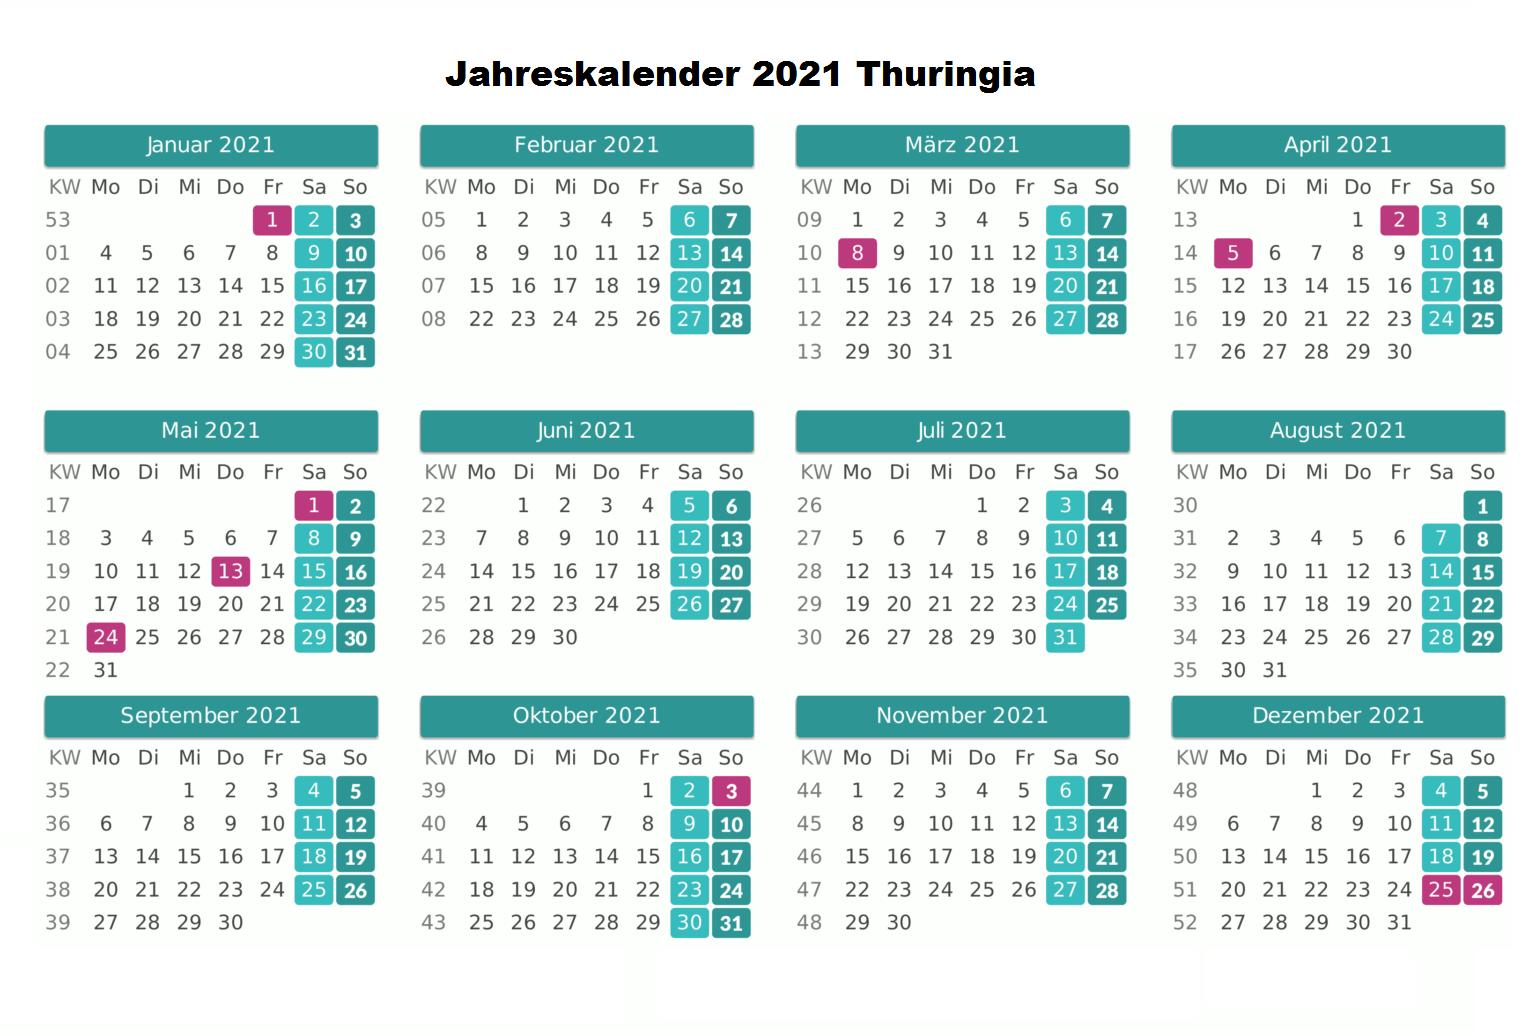 Kostenlos Jahreskalender 2021 Thuringia Zum Ausdrucken